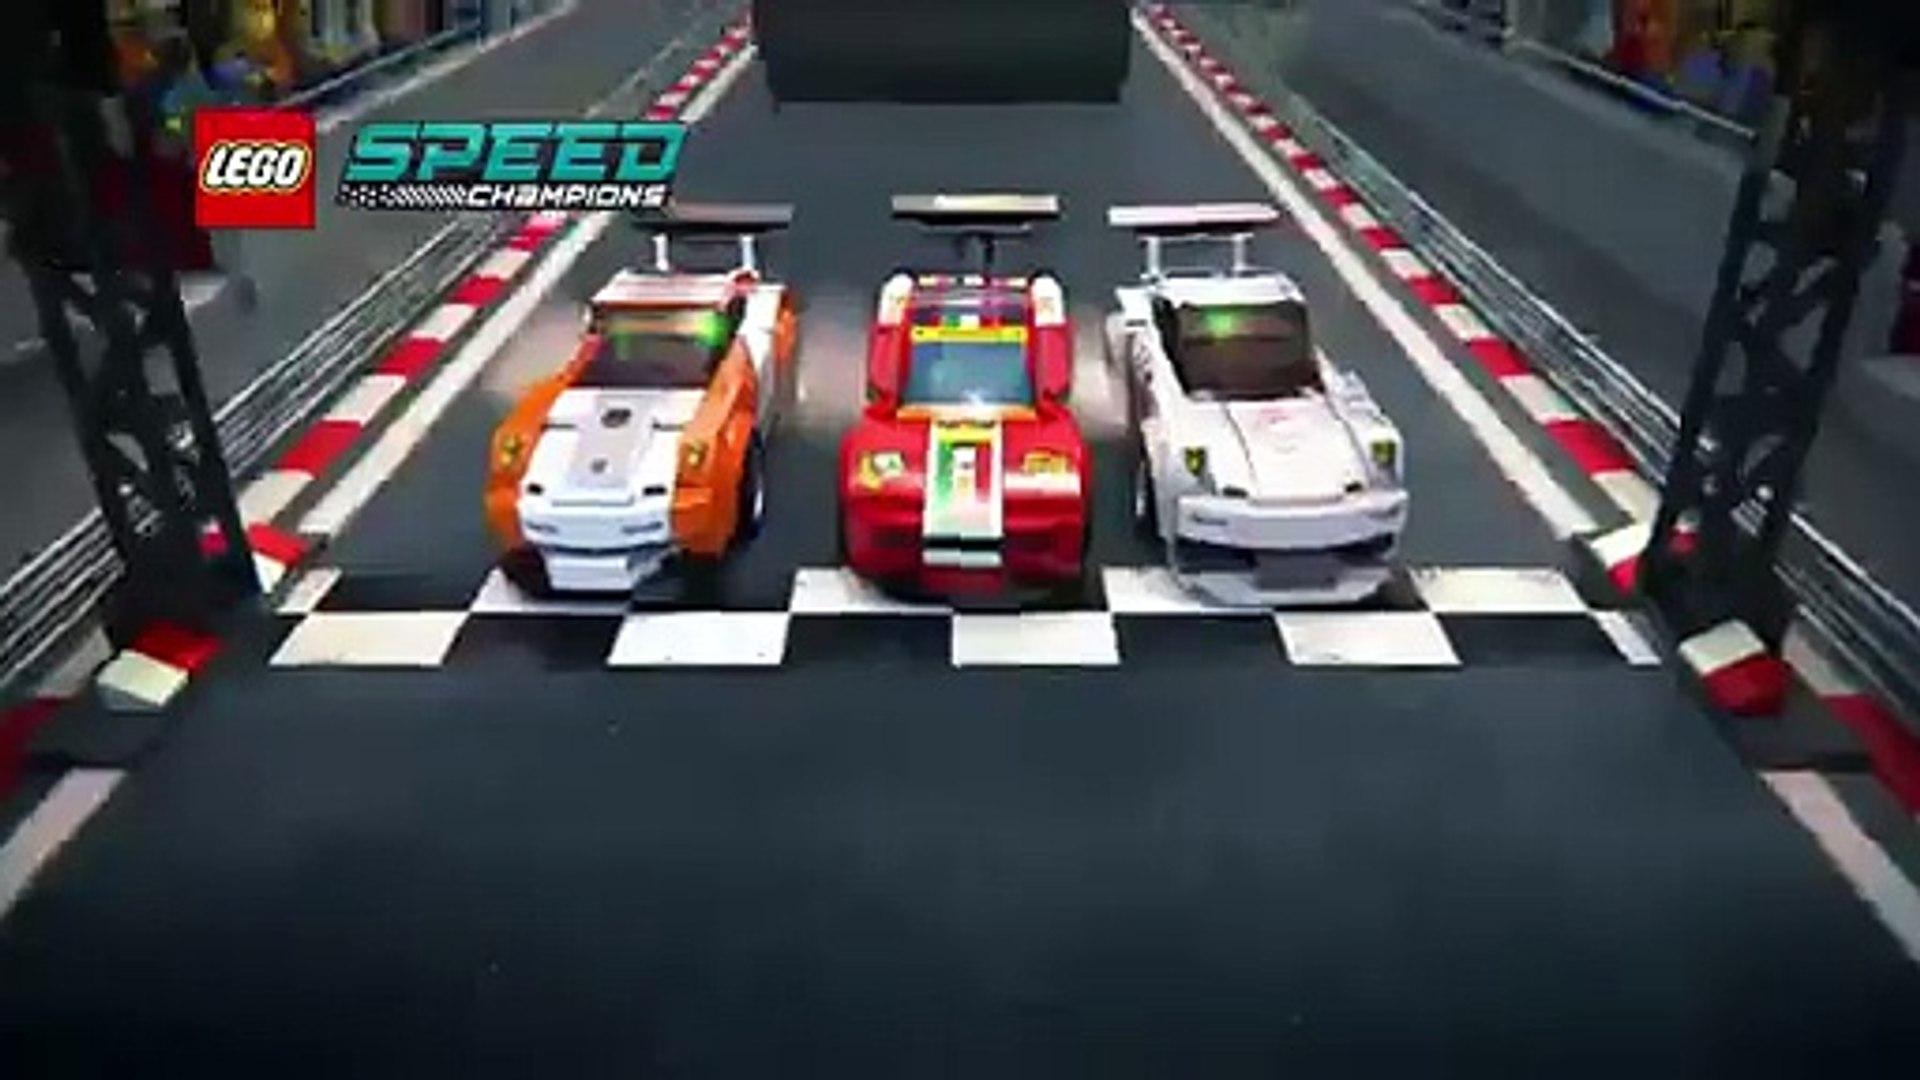 ЛЕГО Скорость Чемпионов LEGO Speed Champions